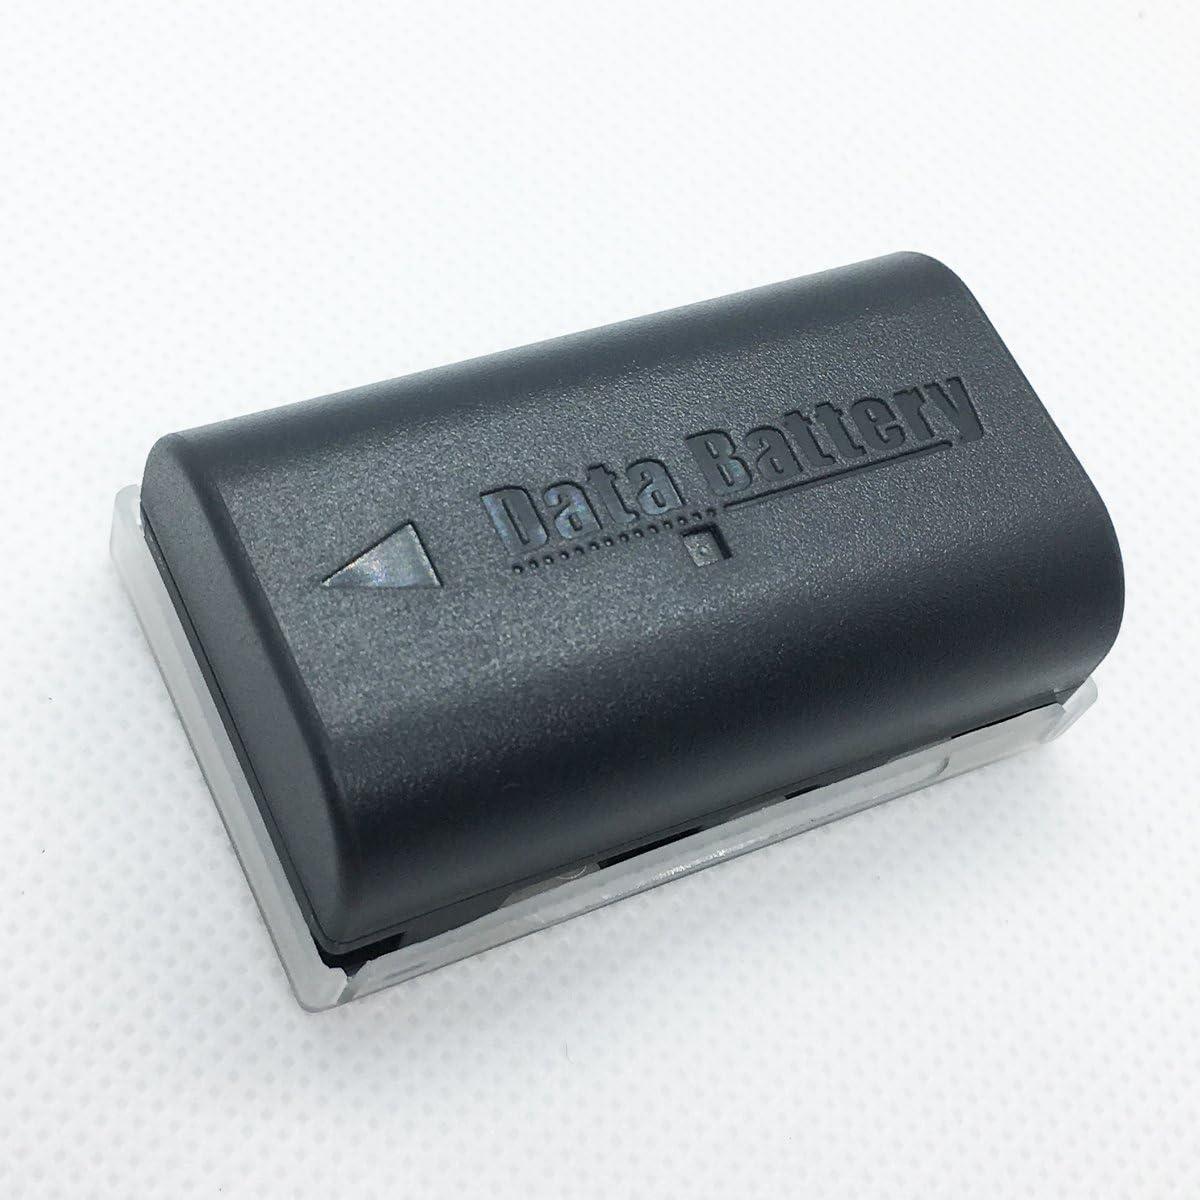 2-Pack Li-ion Battery GZ-MG330AU for JVC Everio GZ-MG330 GZ-MG330RU GZ-MG330HU HD Camcorder